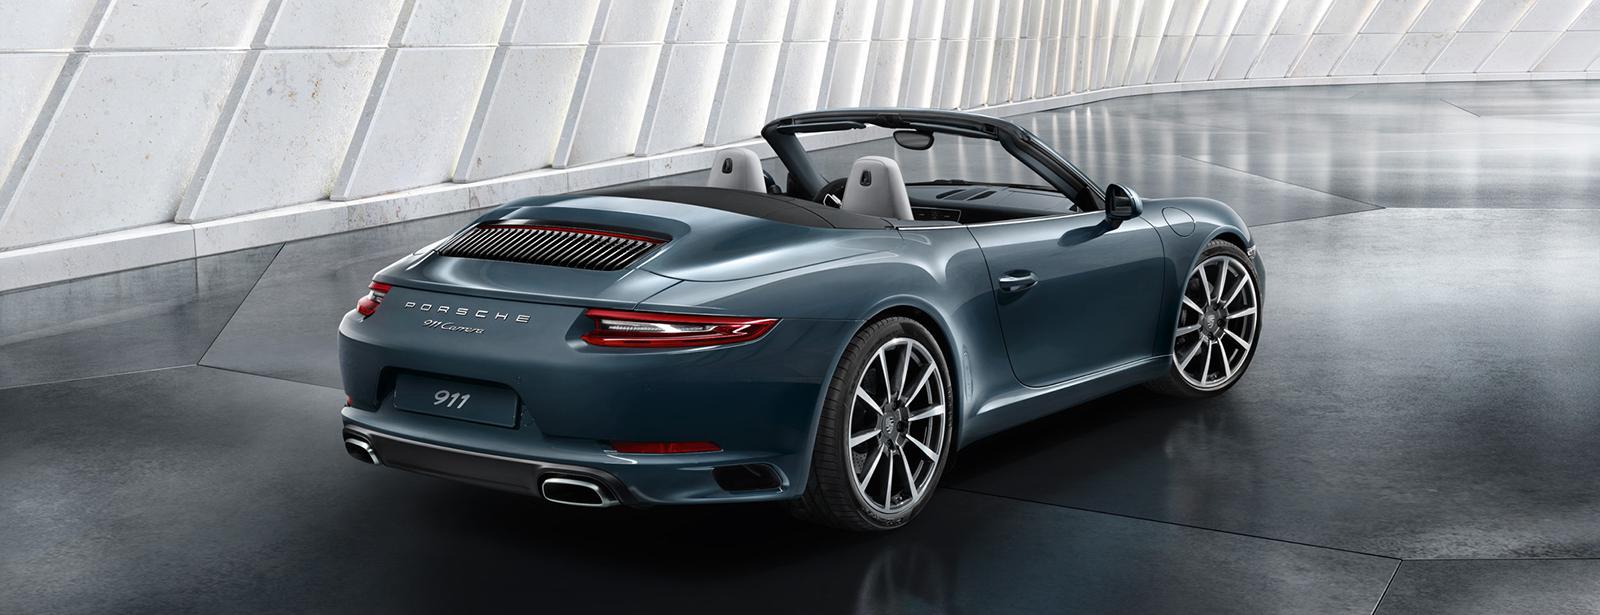 Porsche Werkstatt-Ersatzfahrzeuge